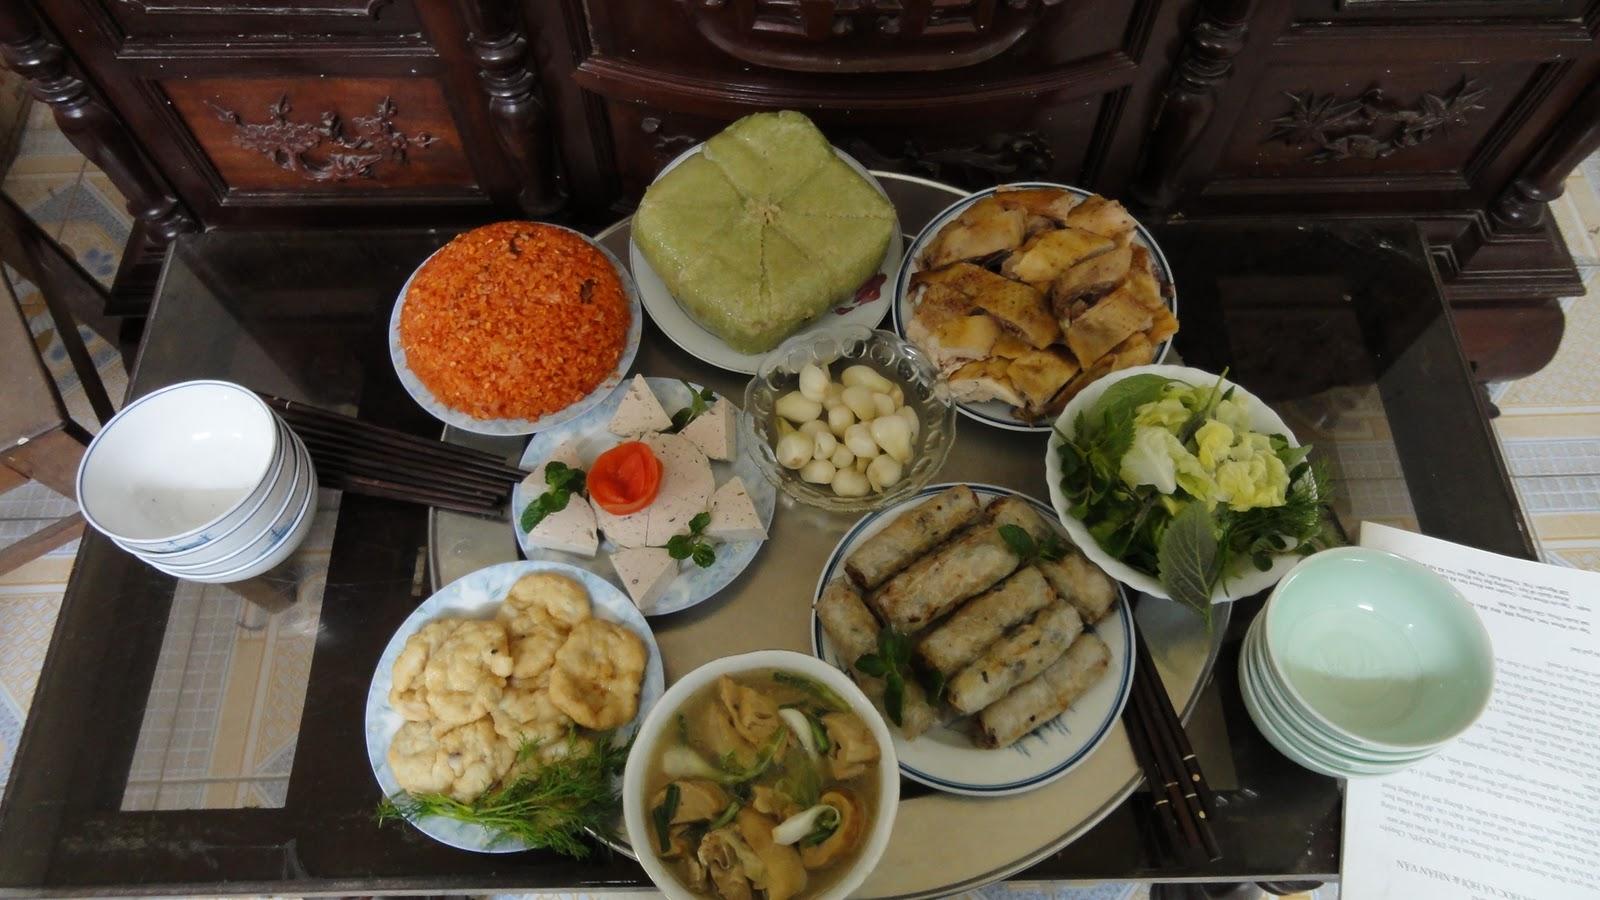 Mâm cơm cúng ngày Tết gồm những món nào?